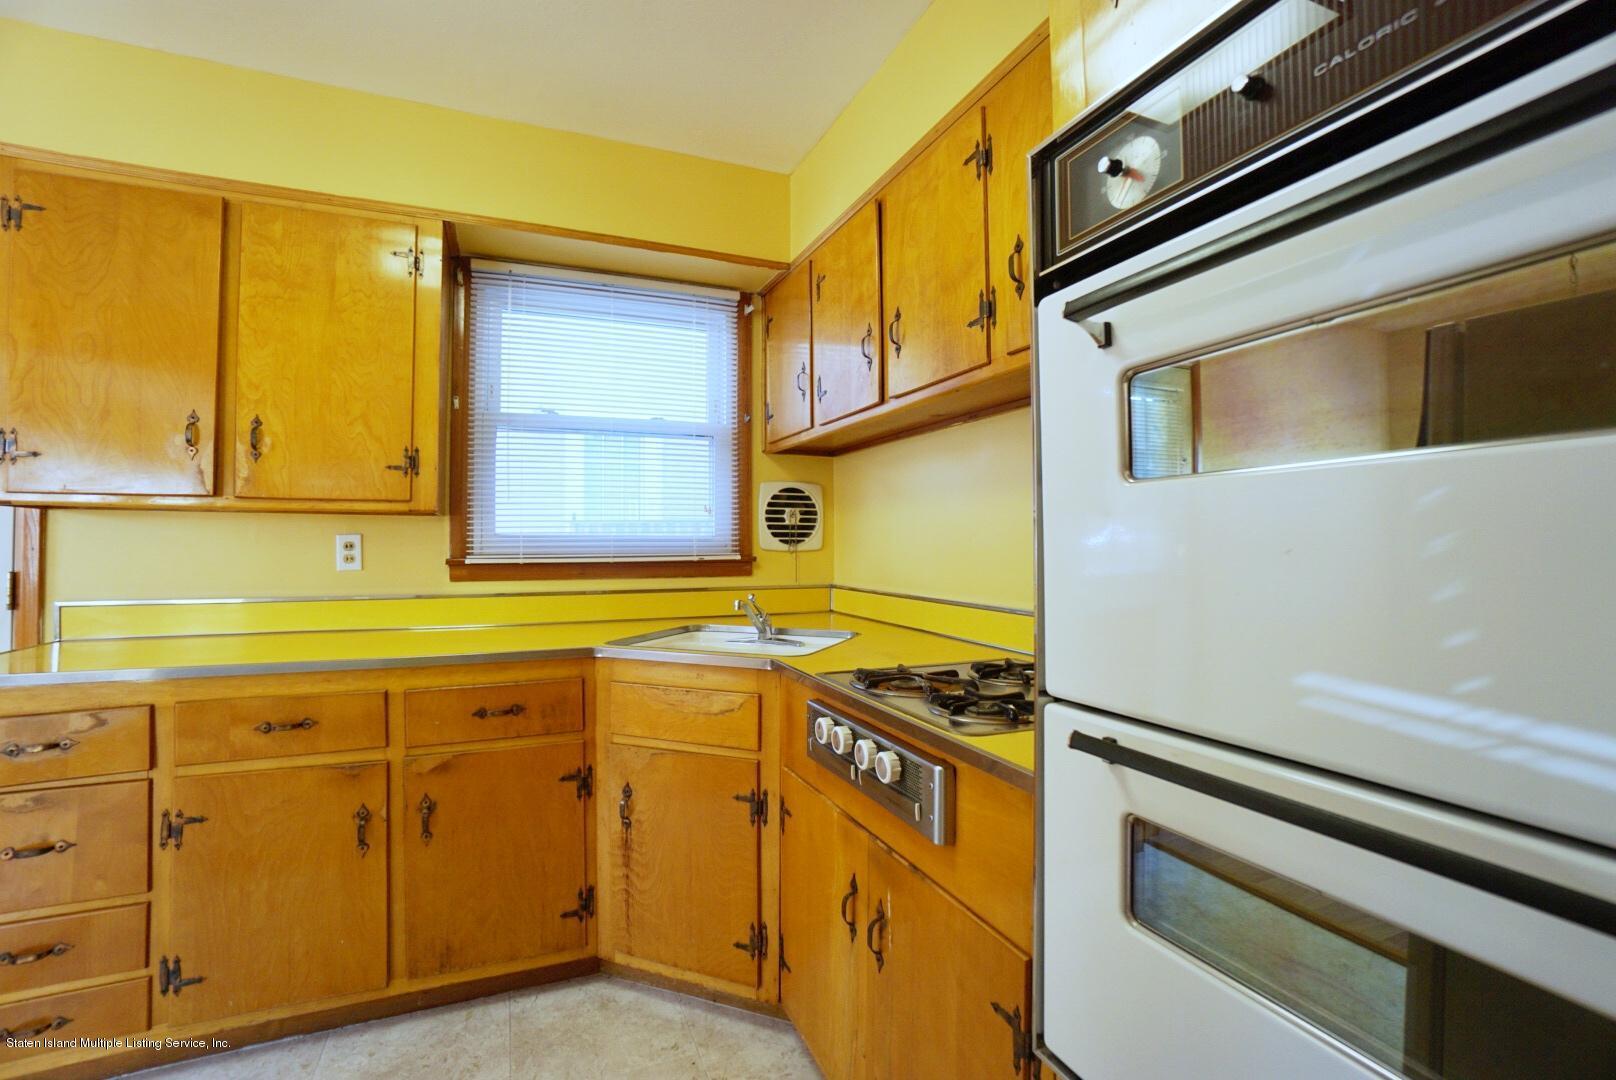 Single Family - Detached 215 Fairbanks Avenue  Staten Island, NY 10306, MLS-1138817-17